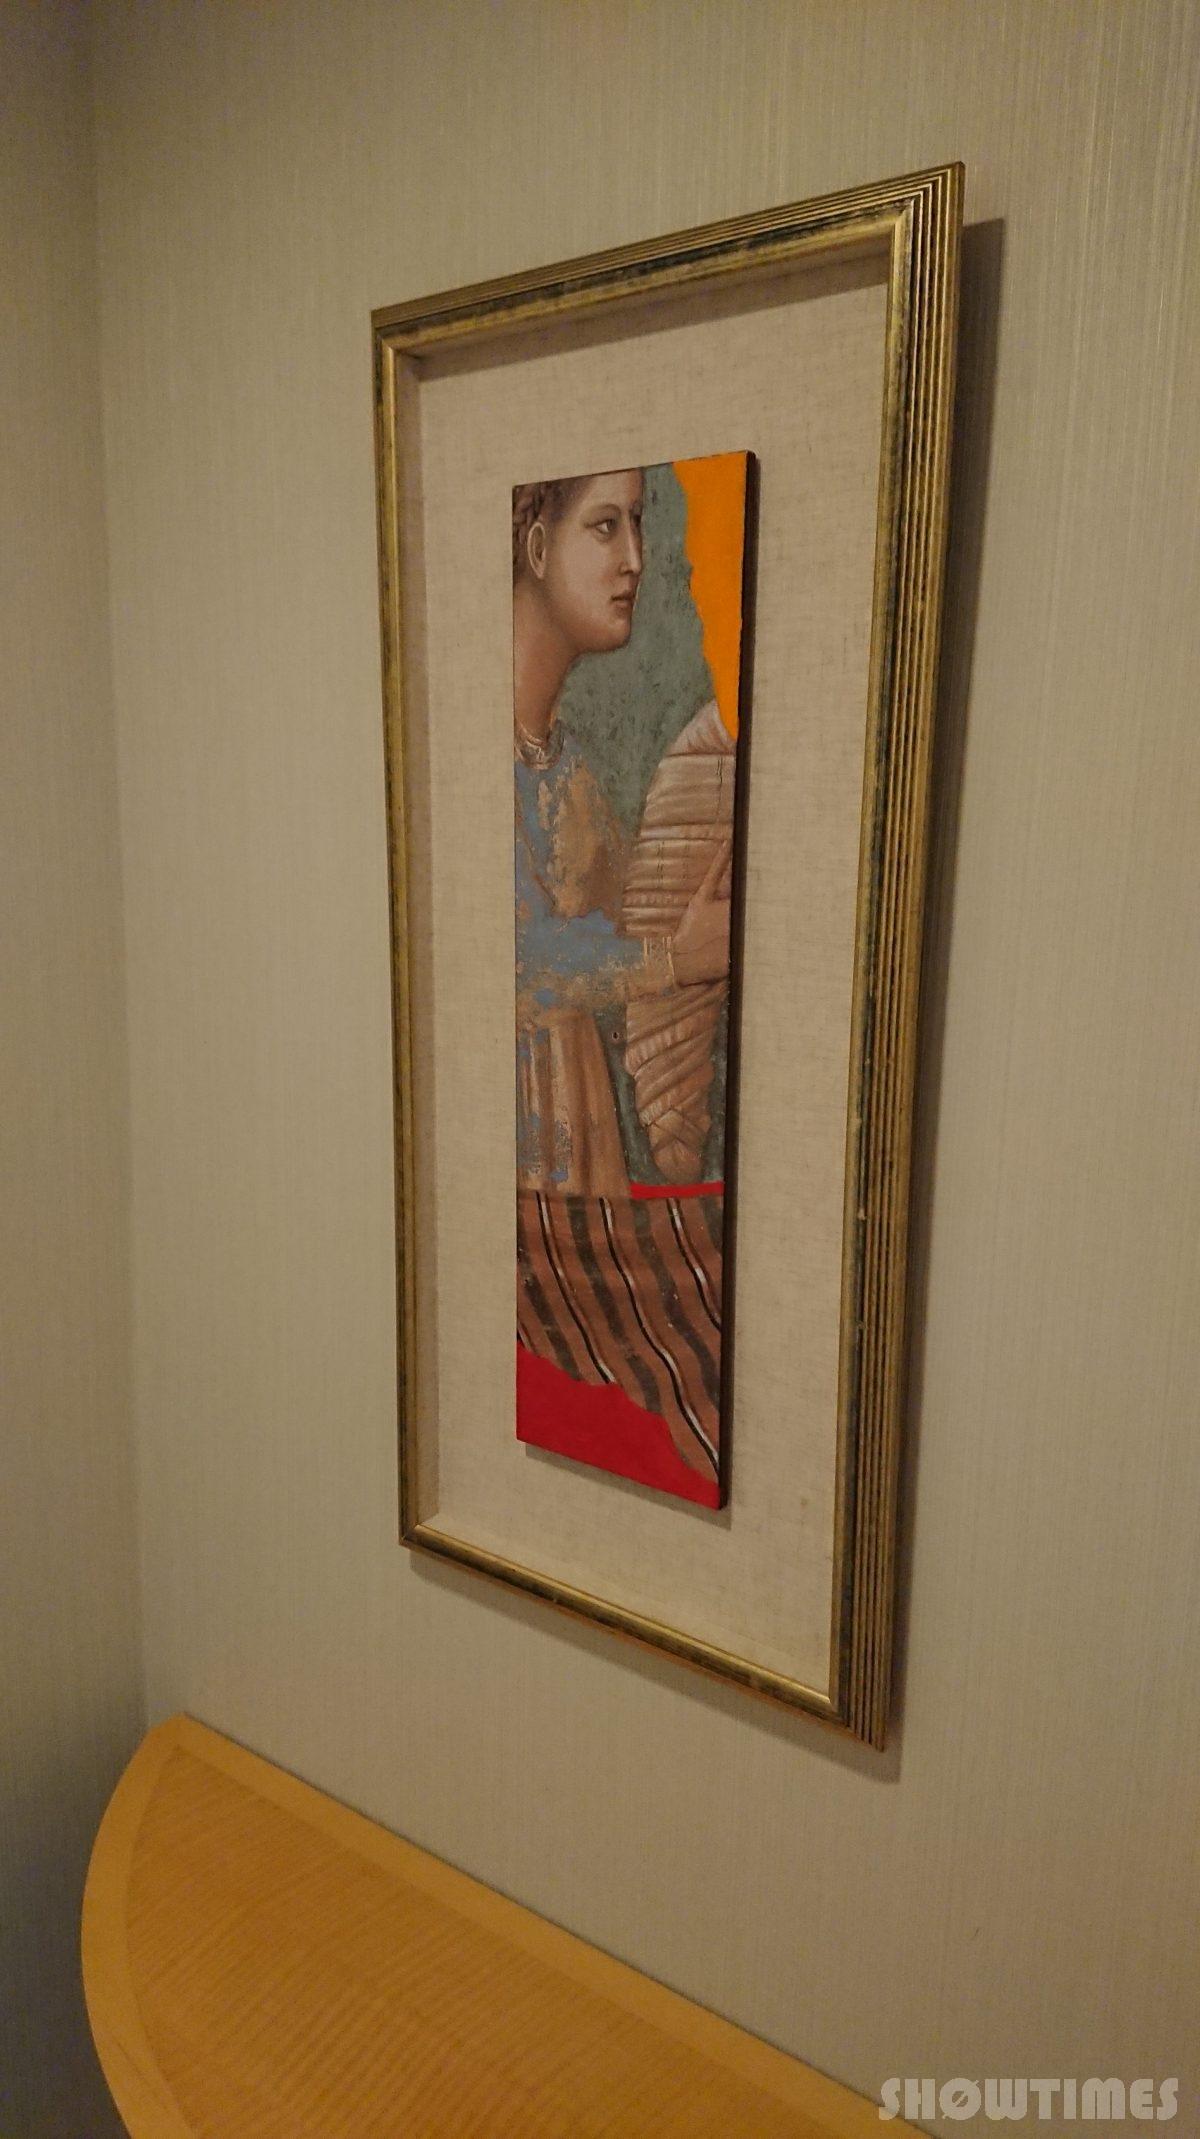 ホテルインターコンチネンタル東京ベイレギュラーフロアスーペリアリバービューツインの絵画